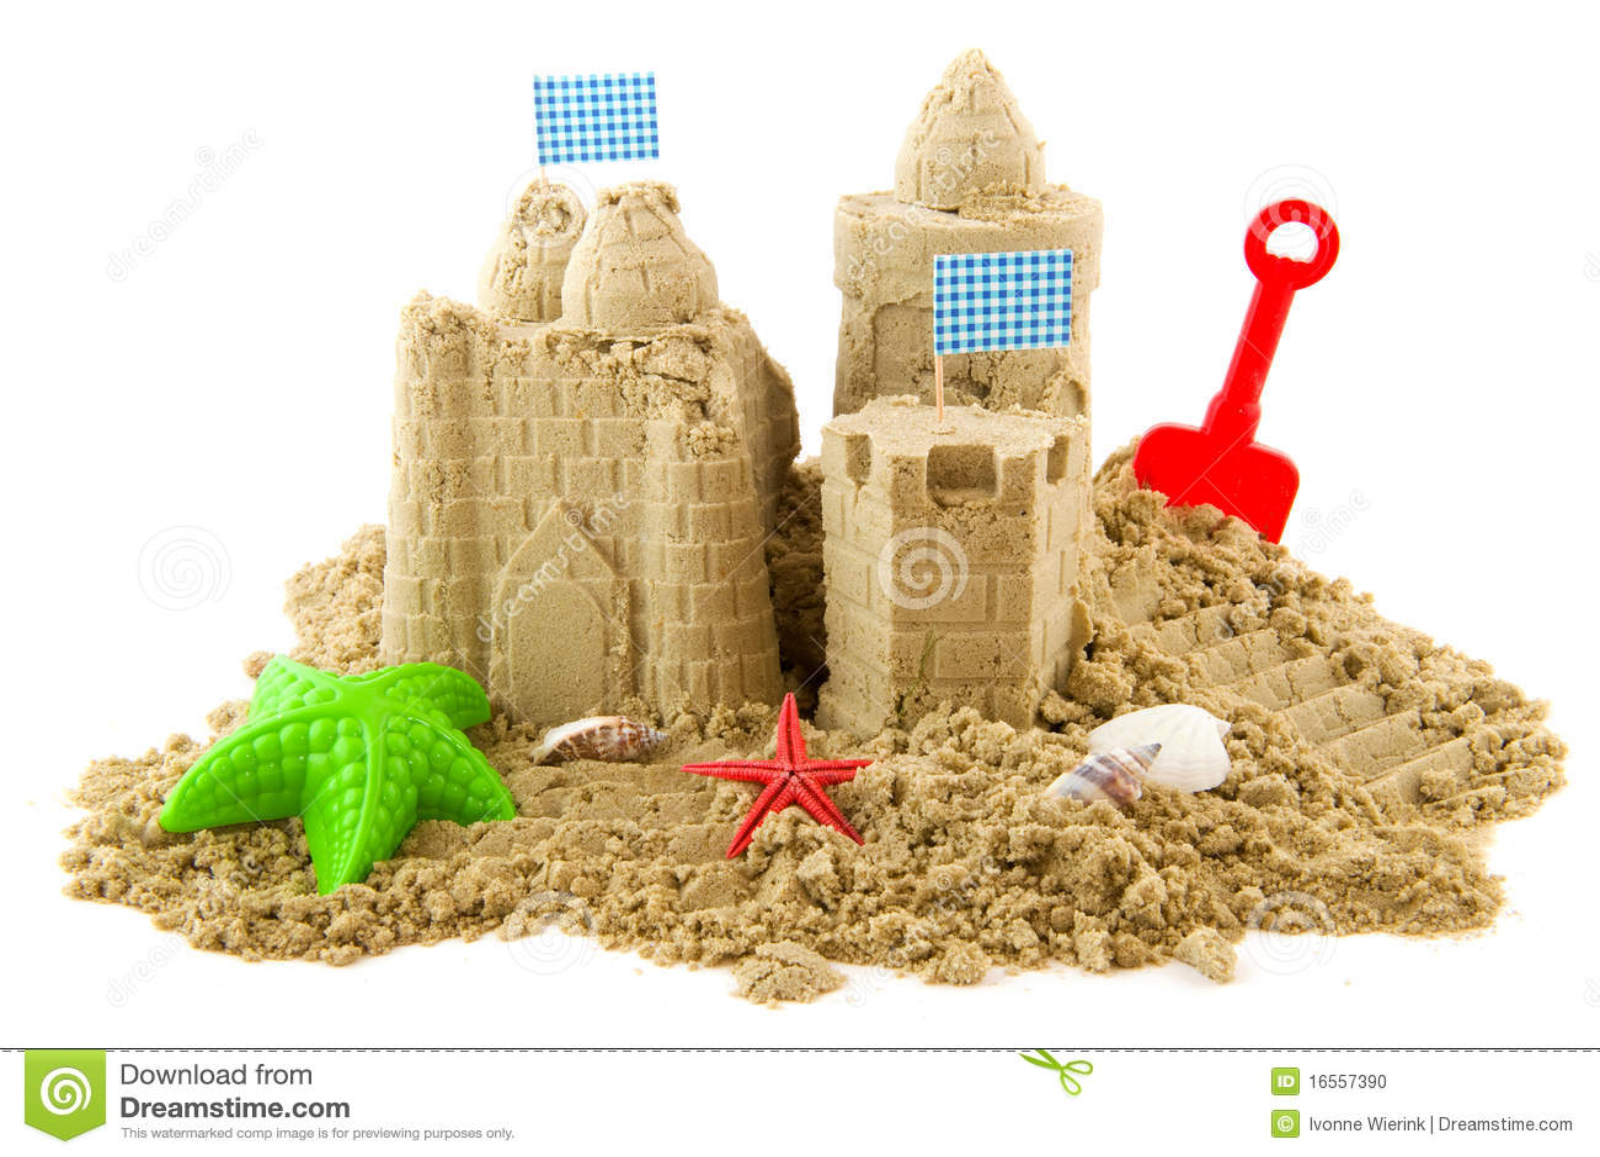 Поделки замки из песка